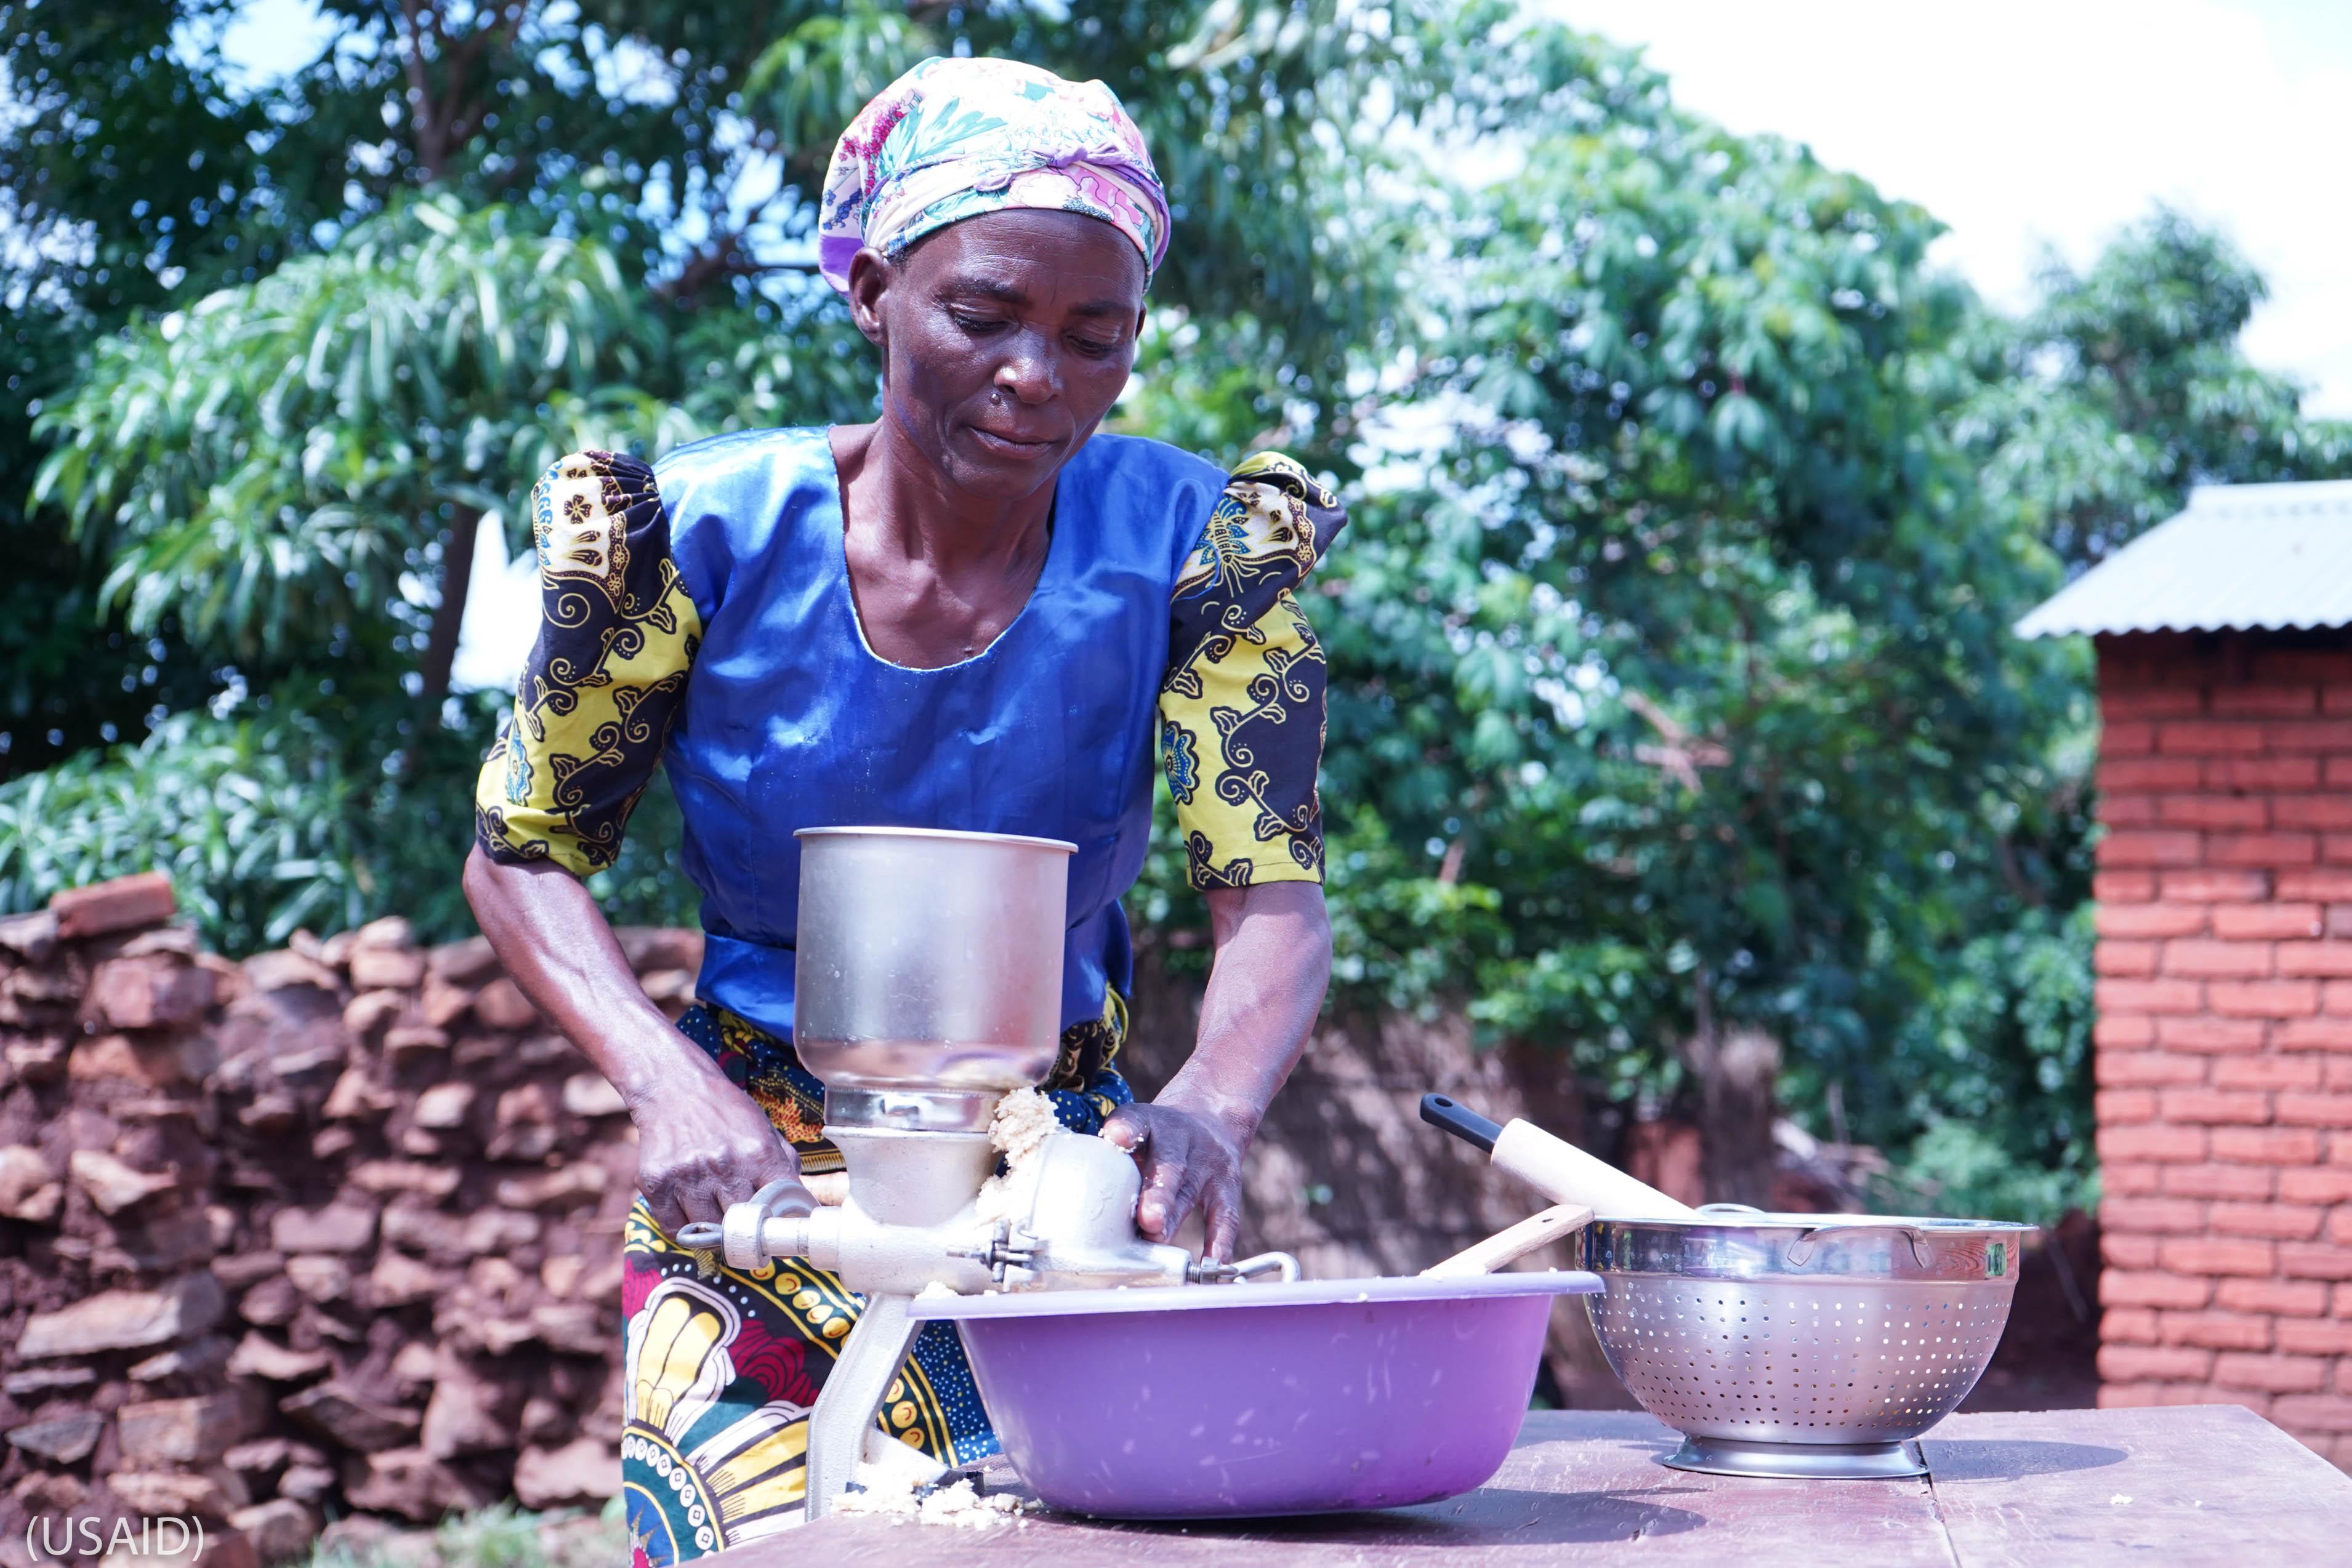 Une femme en train d'utiliser un moulin à main au-dessus d'une cuvette (USAID)